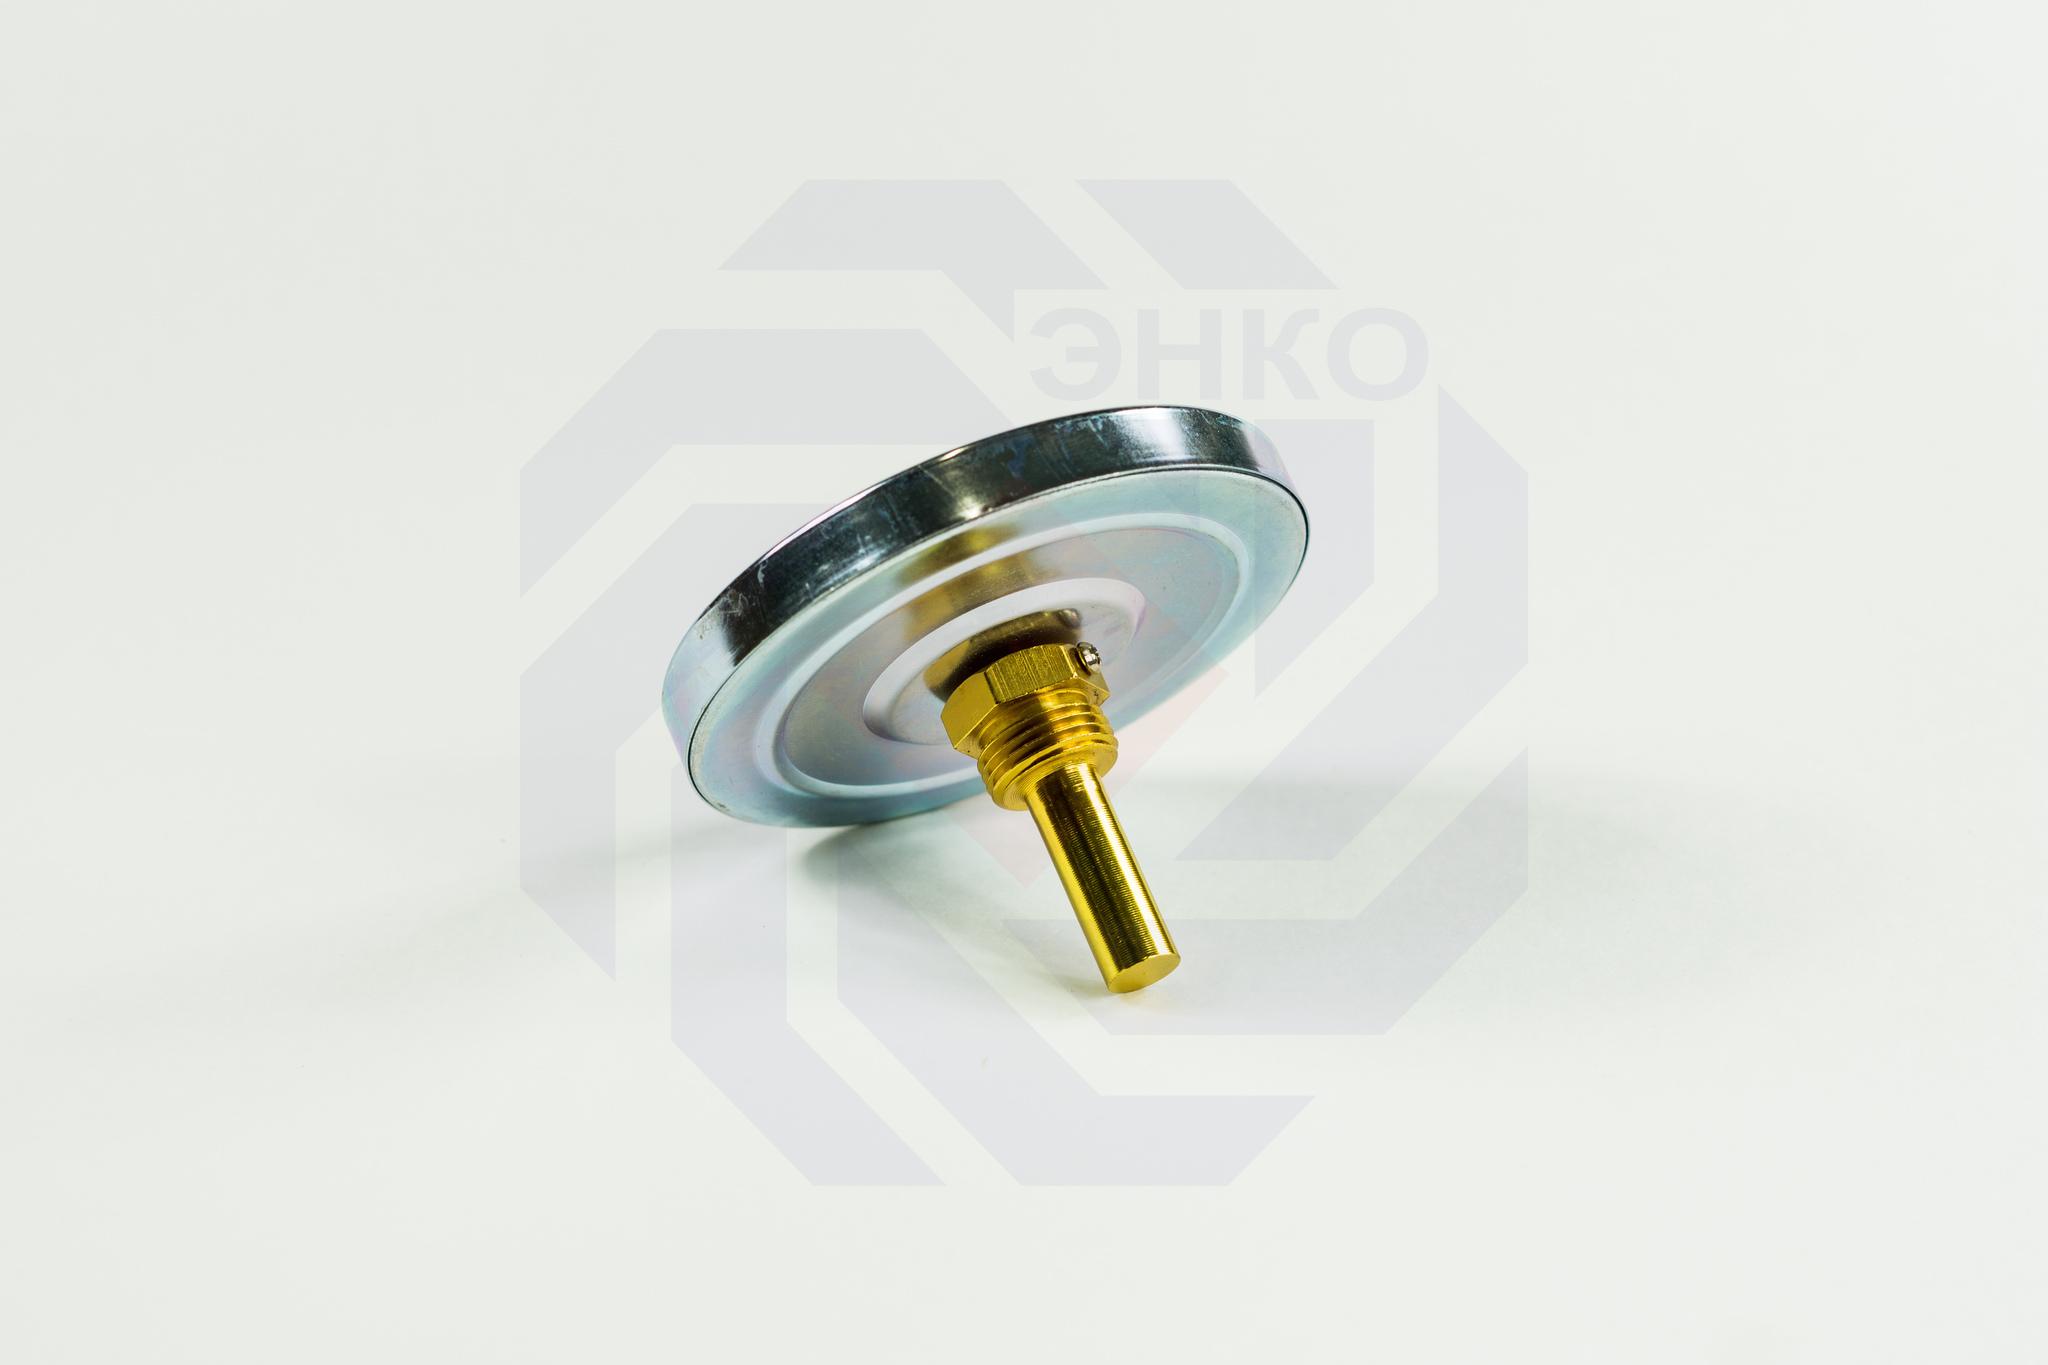 Термометр биметаллический аксиальный ЮМАС ТБП100/50/Т 0-160 °С 100 мм ½